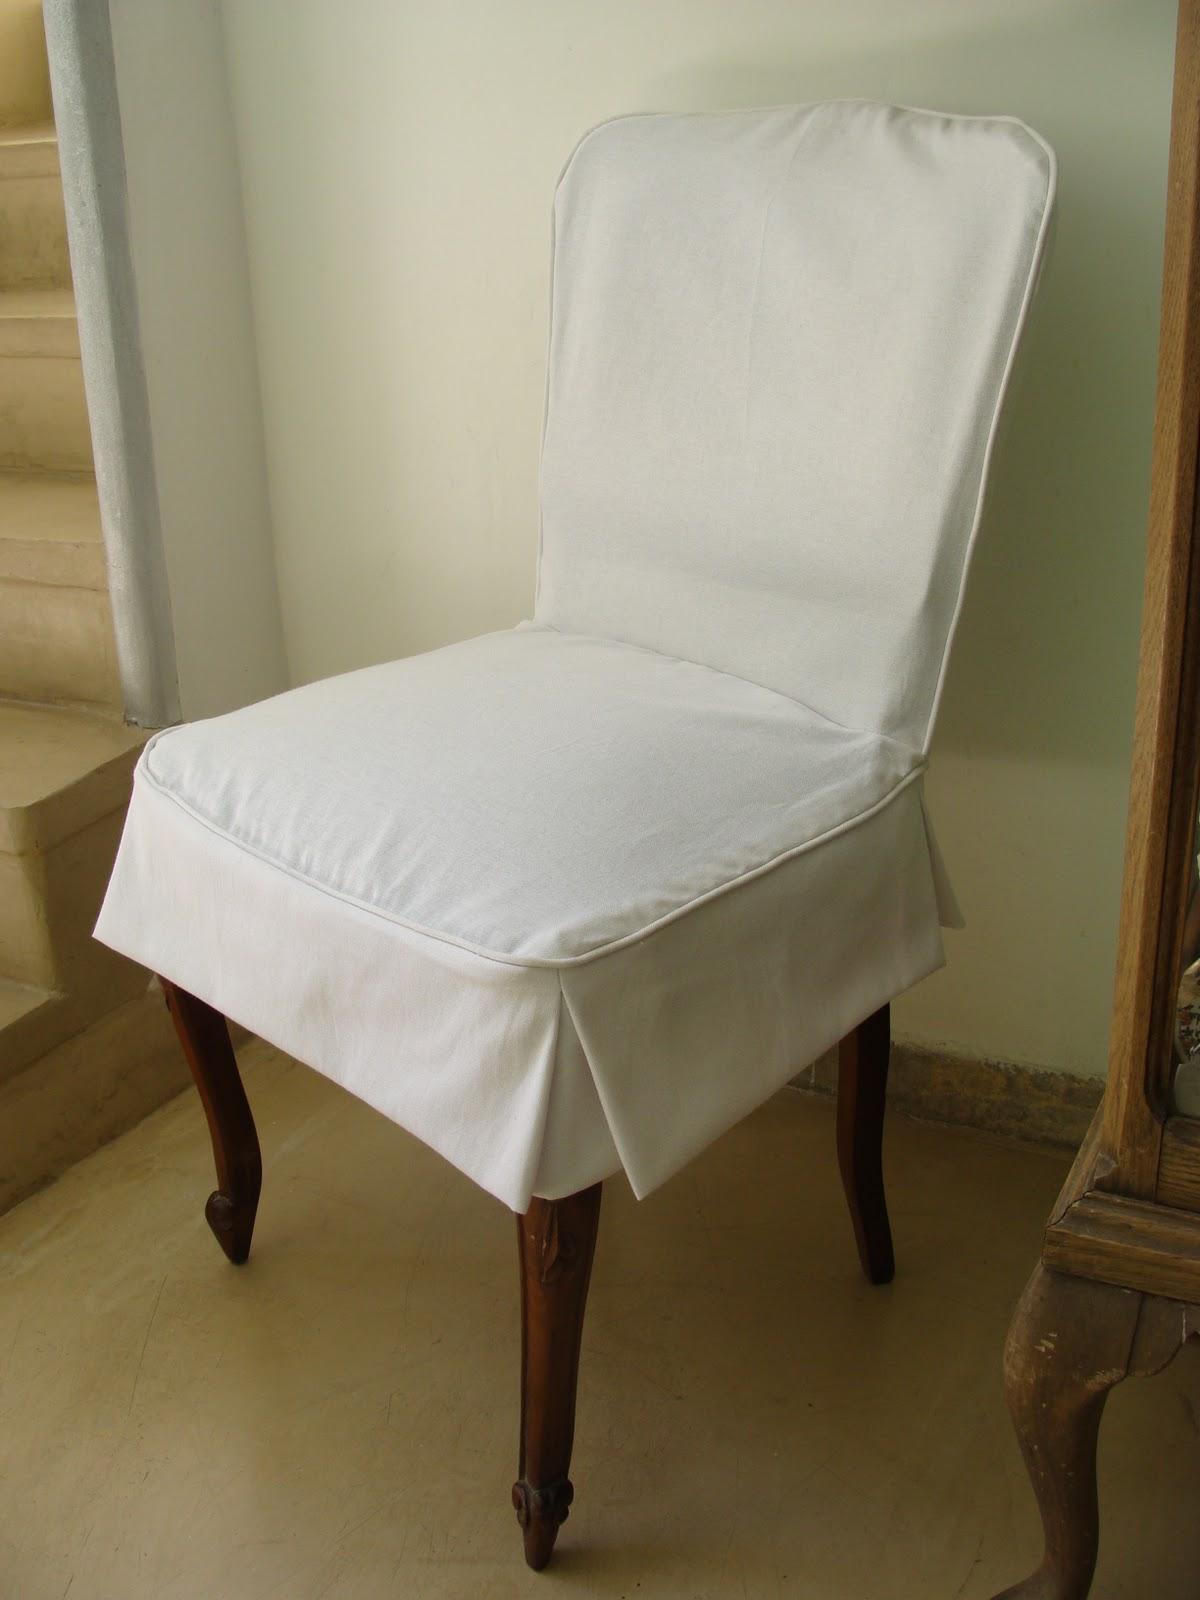 Fundas a medida sillas y puff deco marce - Fundas sillas comedor ...